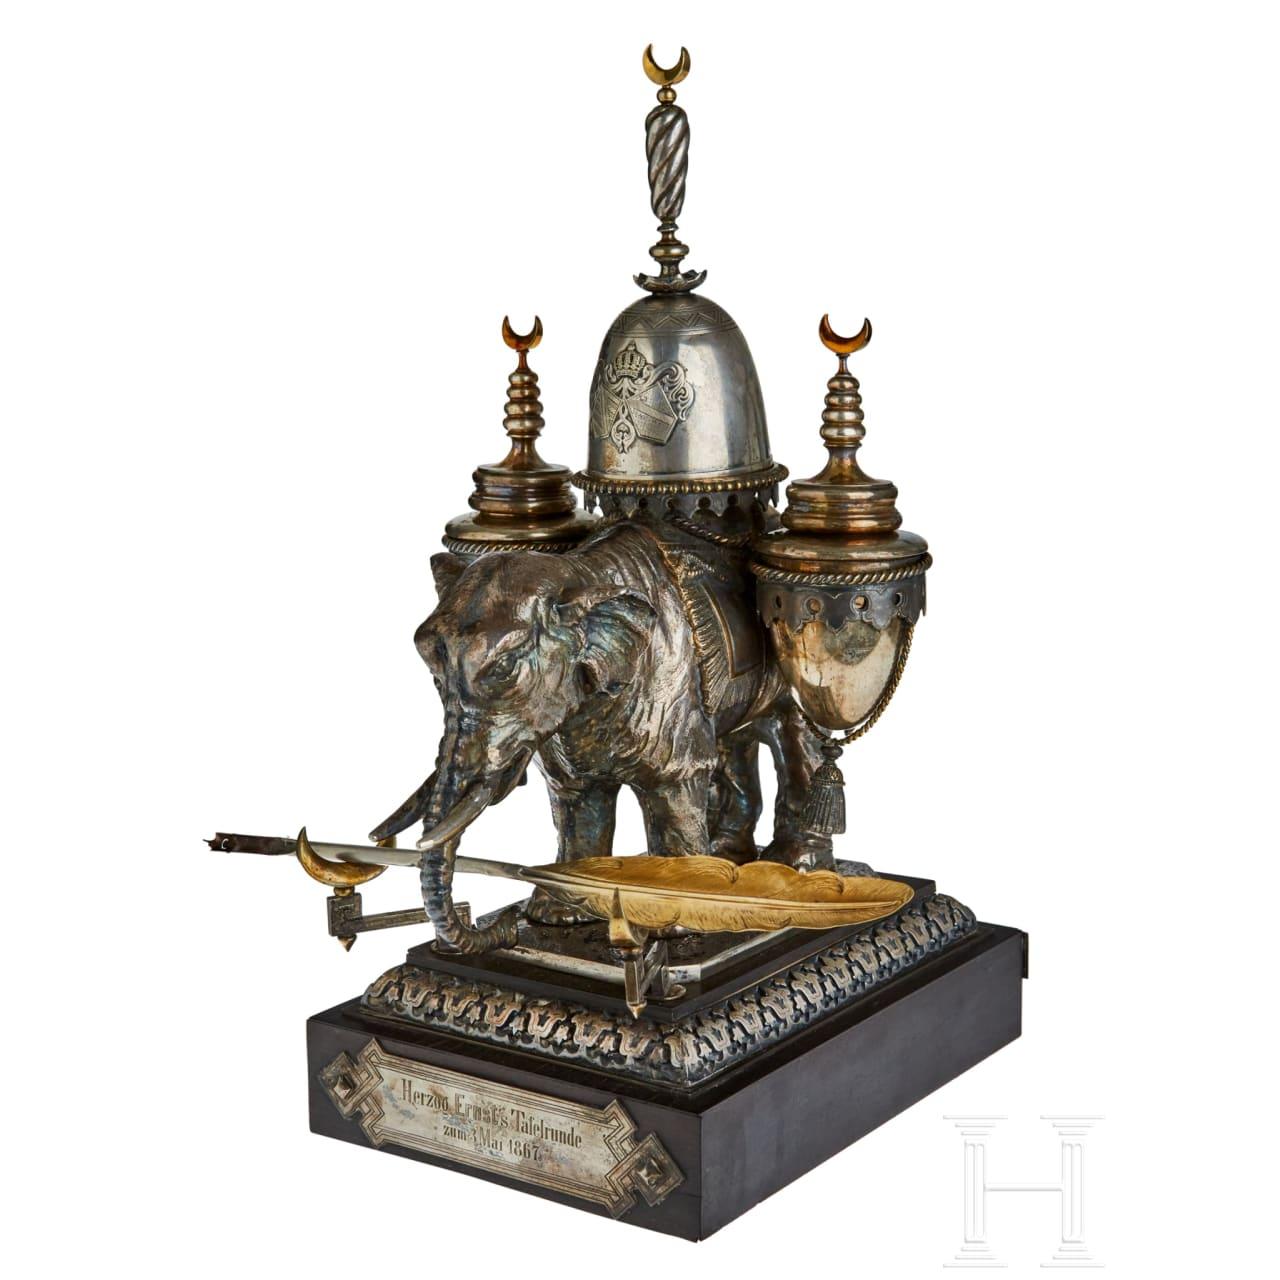 Ernst II. Herzog von Sachsen-Coburg und Gotha - Prunkvolles Schreibset mit Tintenfass in Form eines silbernen Elefanten